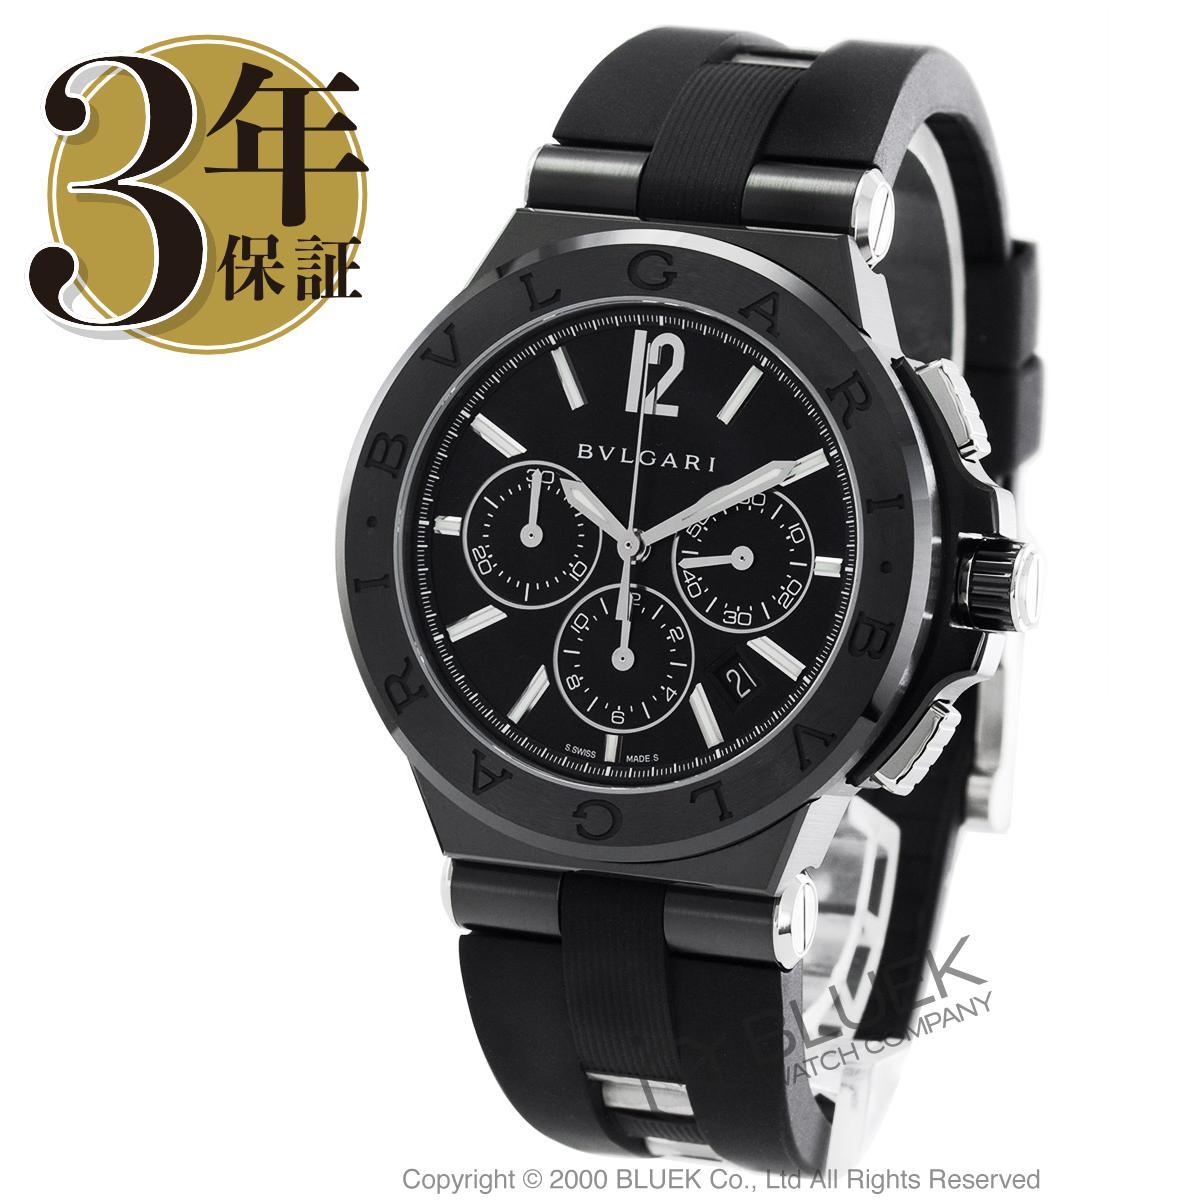 ブルガリ ディアゴノ ウルトラネロ クロノグラフ 腕時計 メンズ BVLGARI DG42BBSCVDCH_8 バーゲン ギフト プレゼント